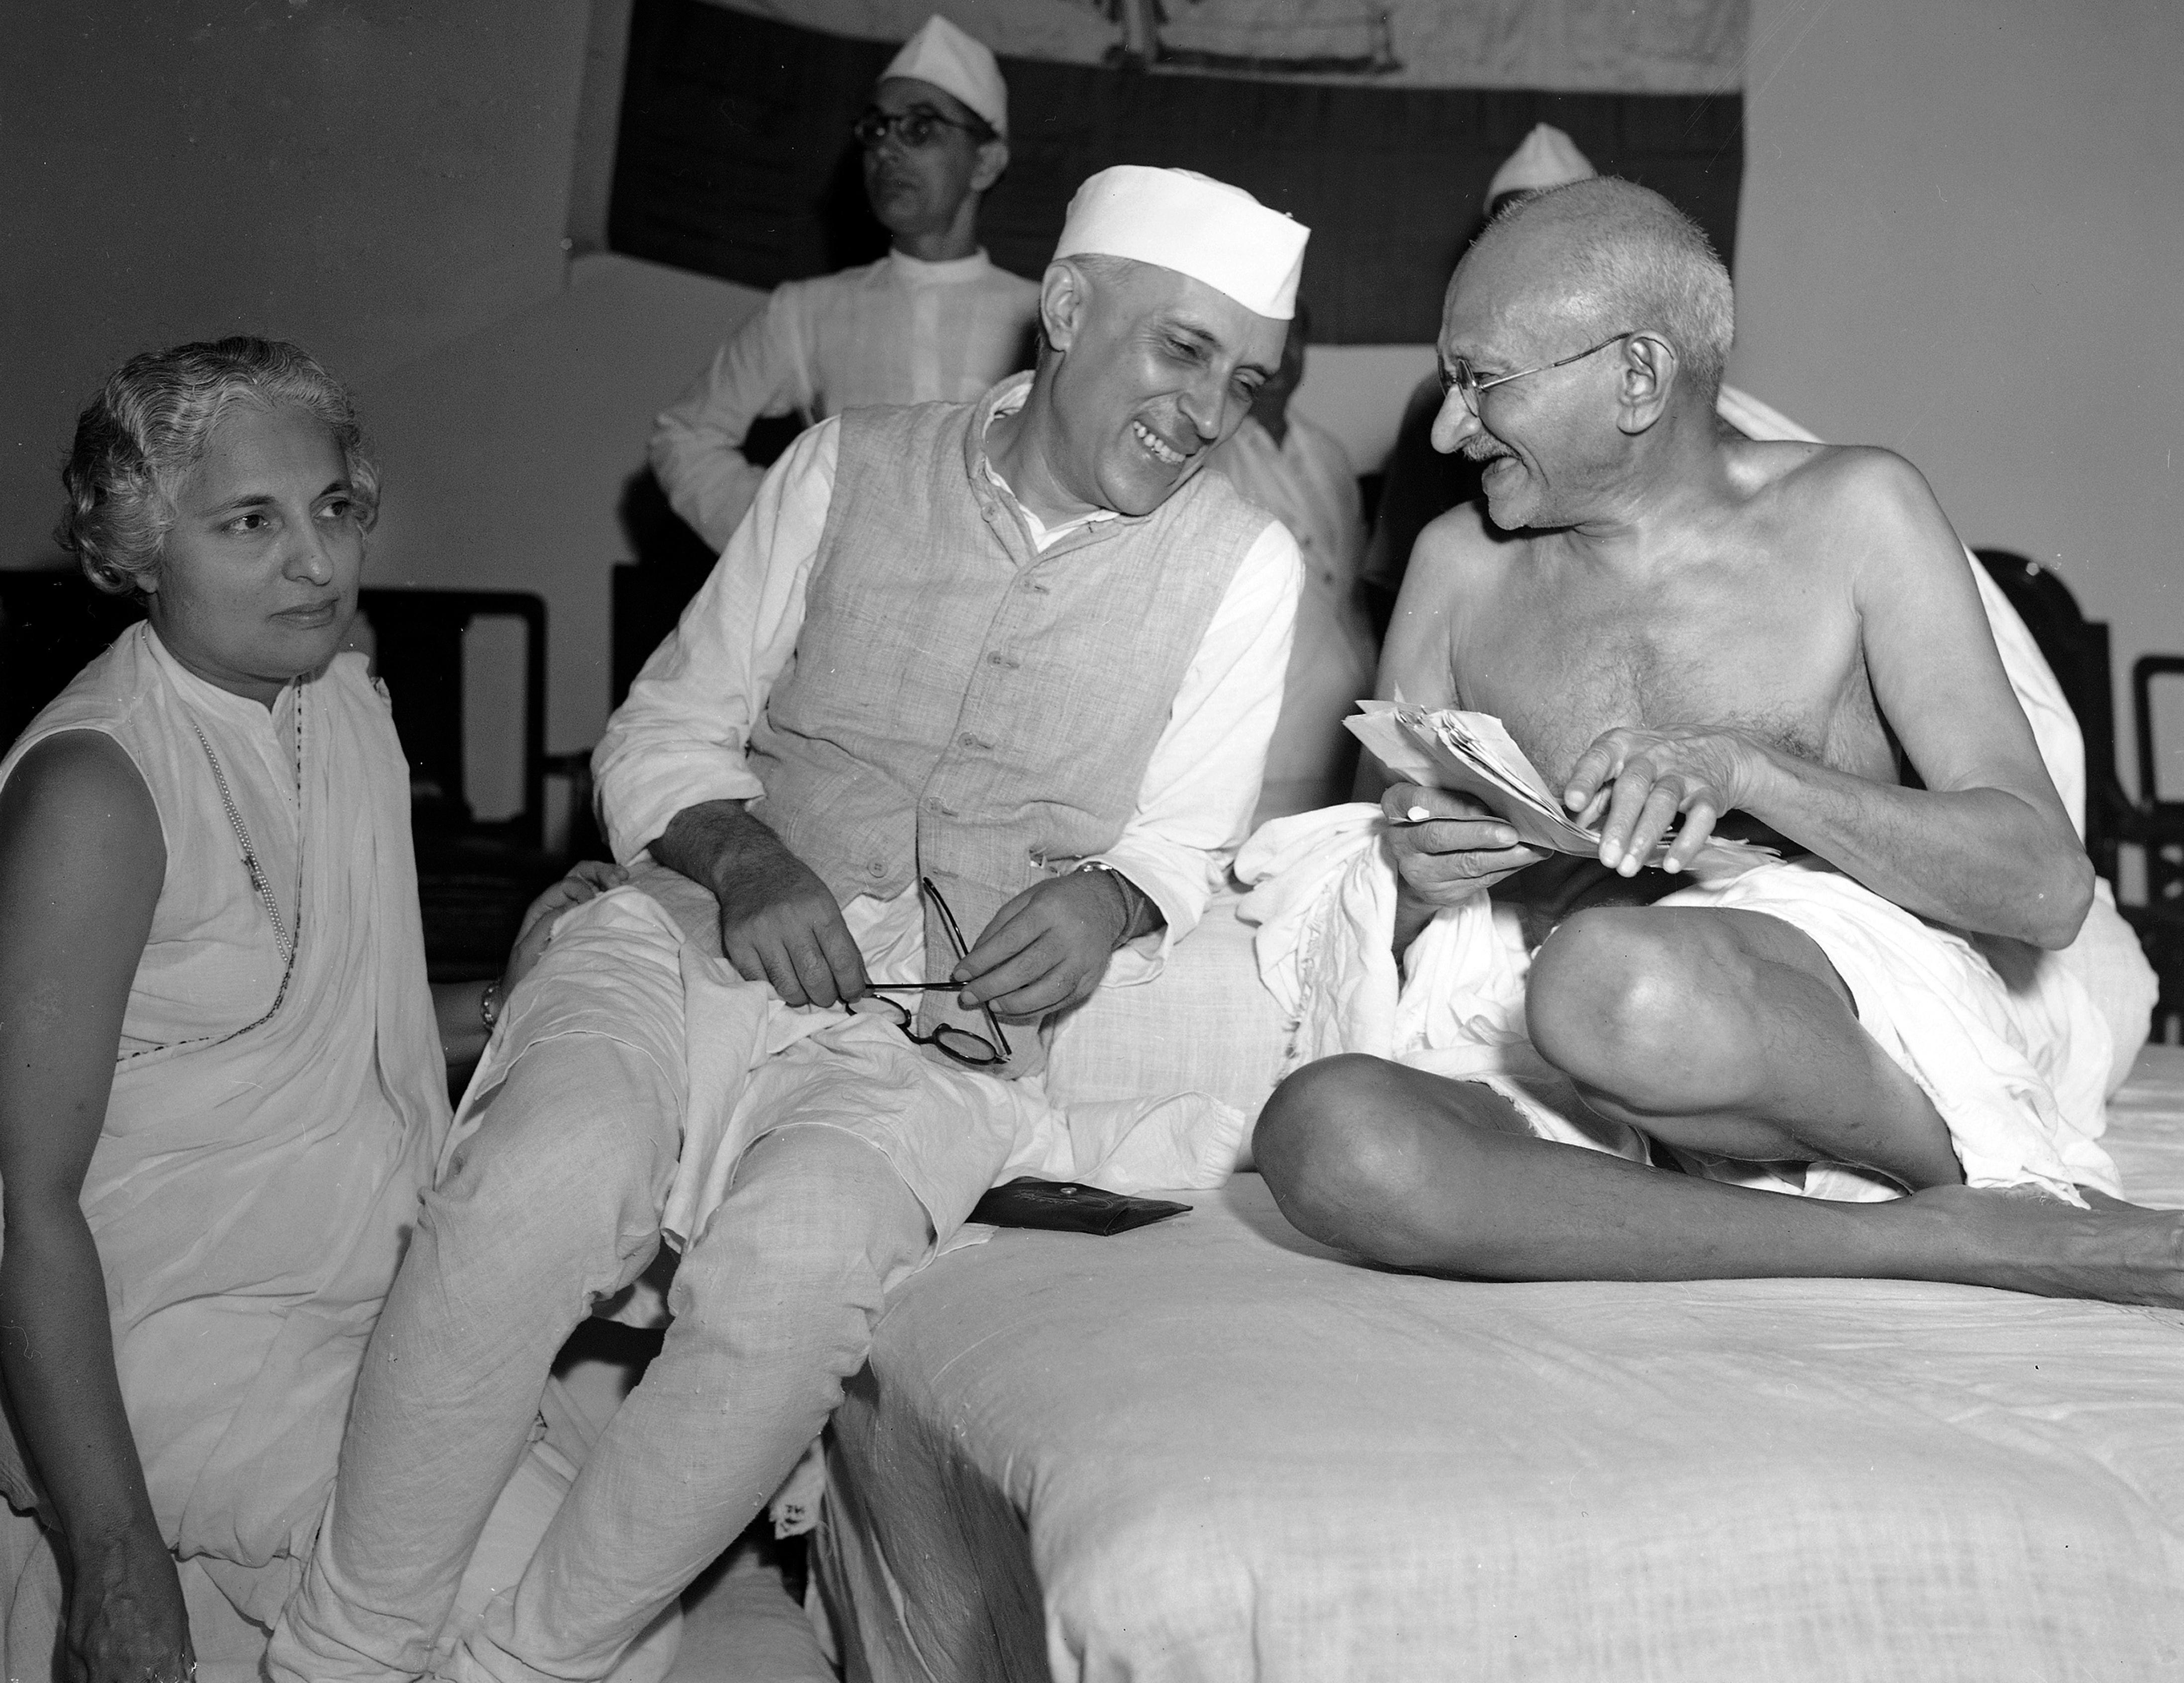 6 julio de 1946 Mohandas Gandhi, el Mahatma, junto con Jawaharlal Nehru, quien se convertiría en primer ministro, en el encuentro del comité del Congreso de Toda India en Bombay, India. (AP Foto/Max Desfor)